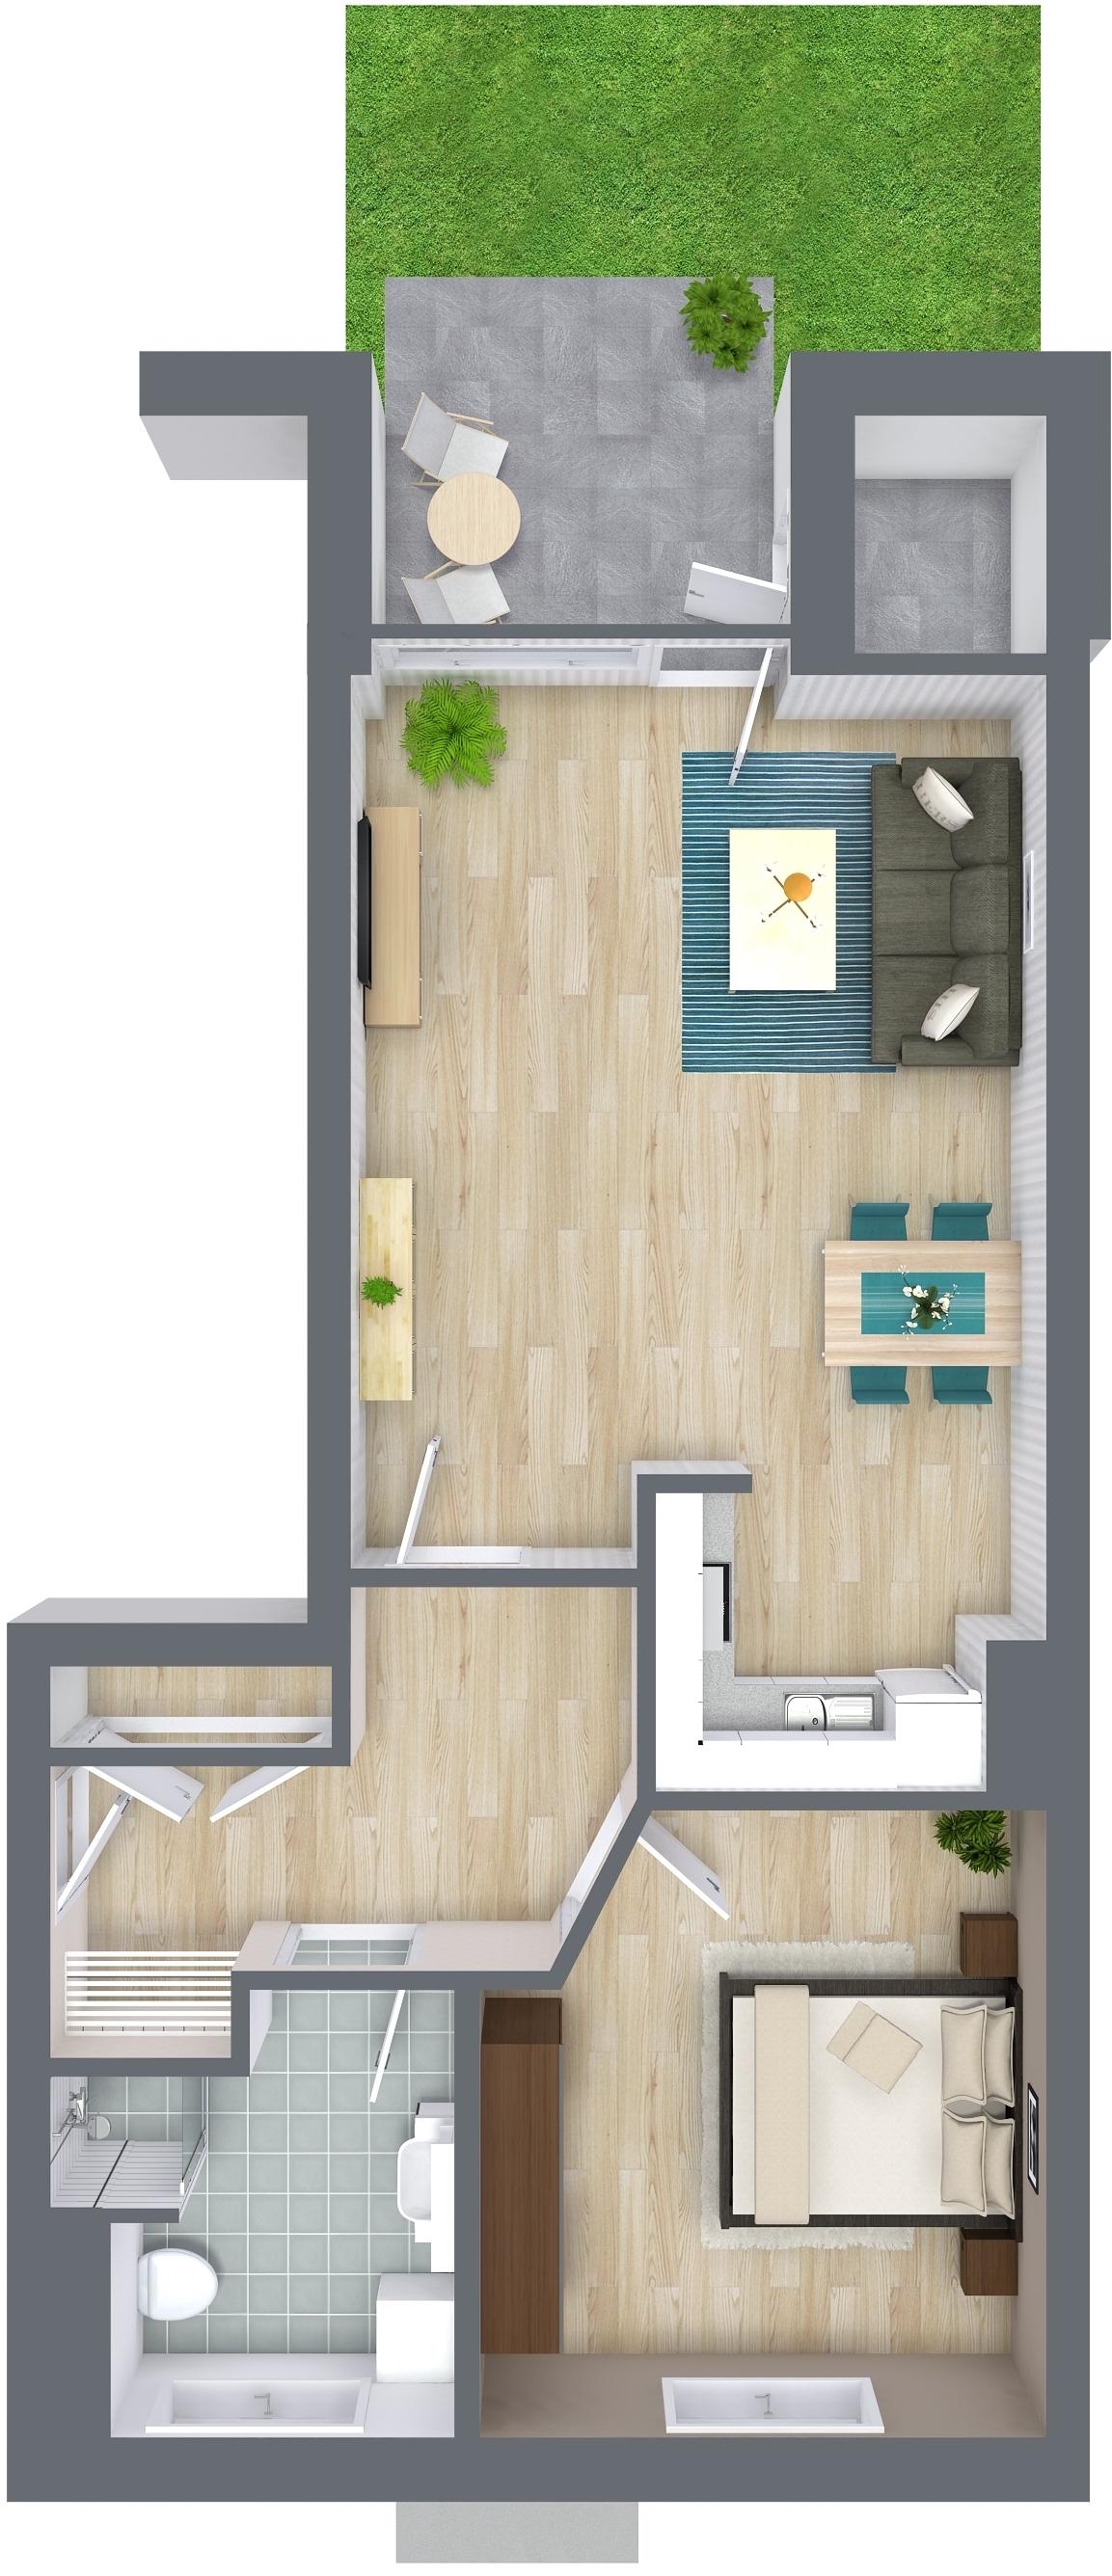 die 2 zimmer alternative a3 oliver klenz der immobilienprofi. Black Bedroom Furniture Sets. Home Design Ideas